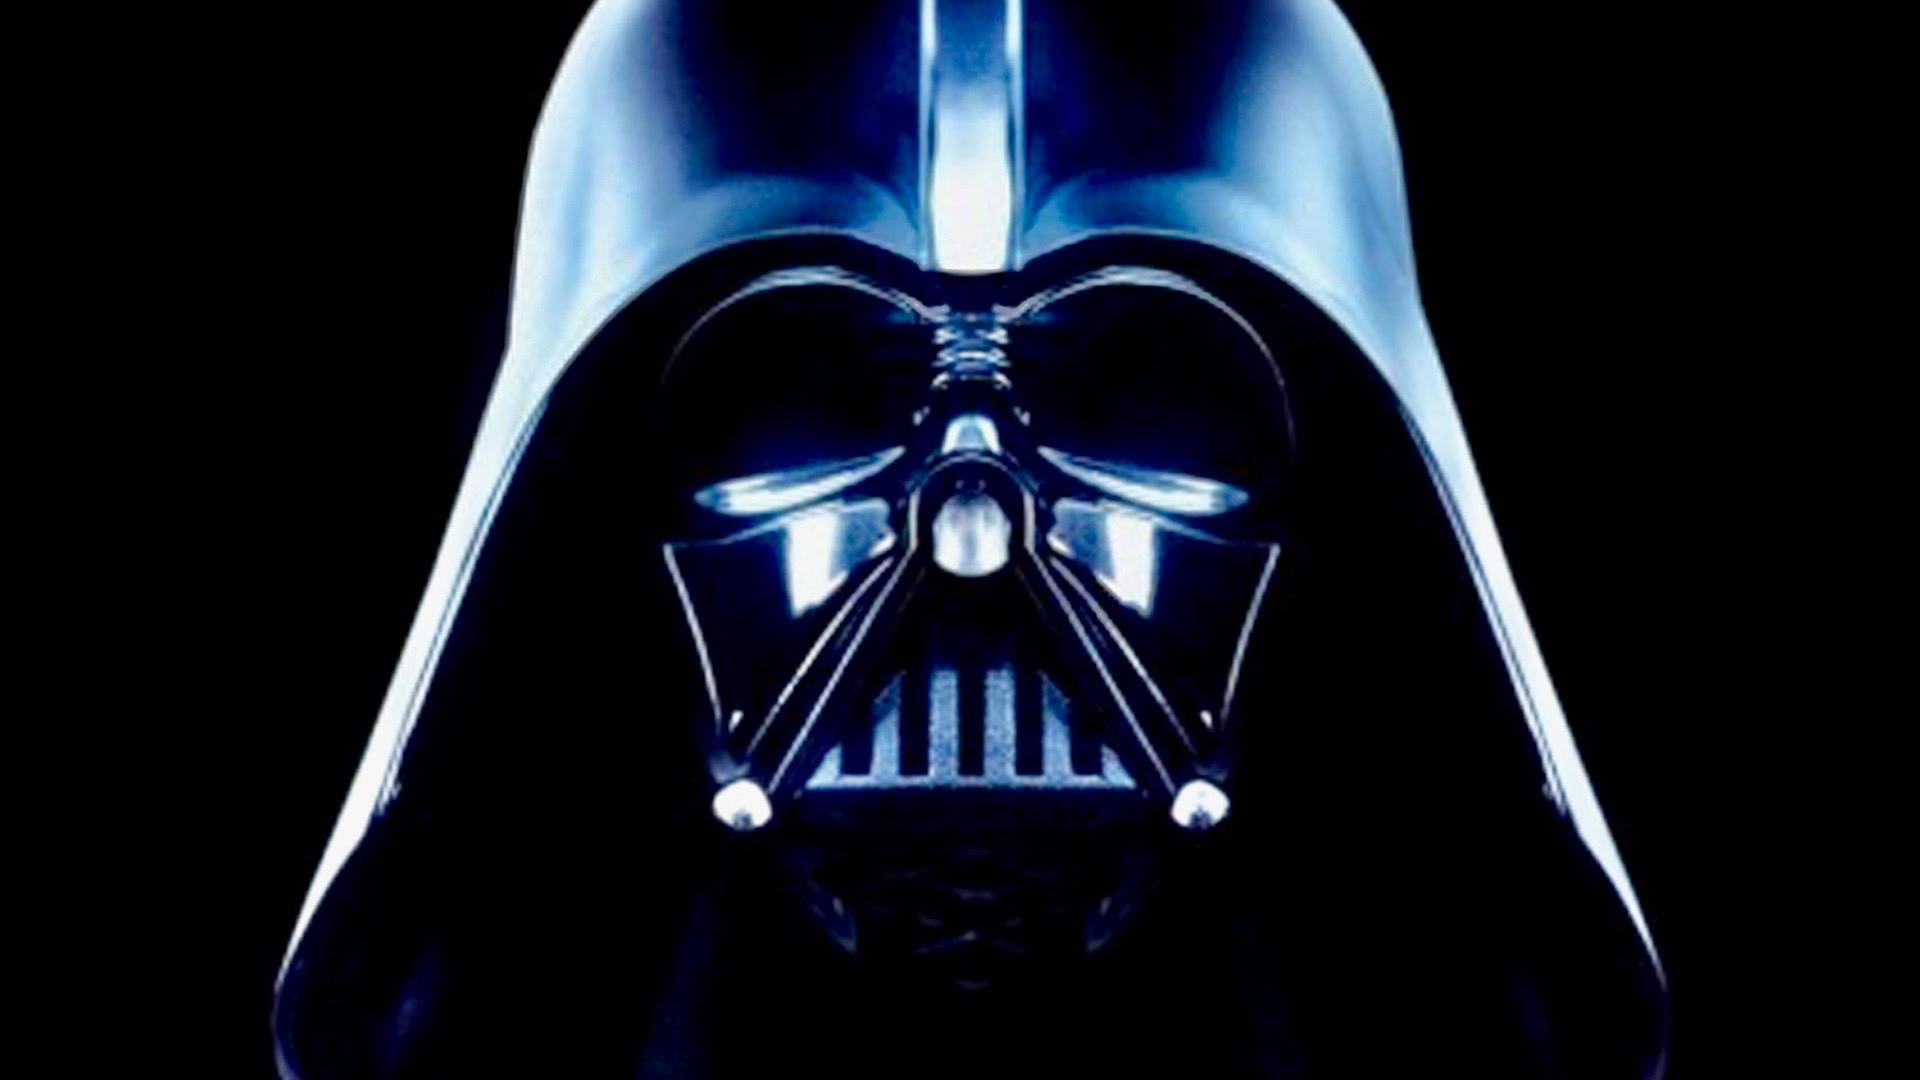 Darth Vader TV Series Happening?